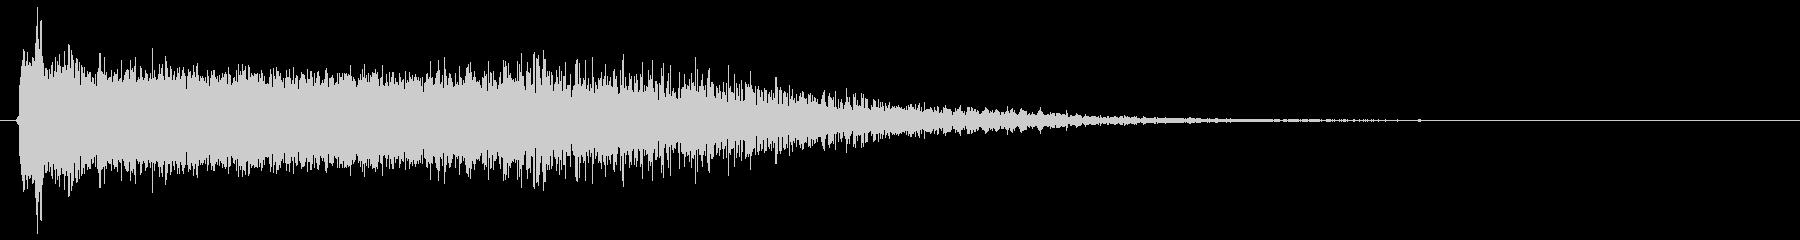 強い敵を倒したときの効果音2の未再生の波形